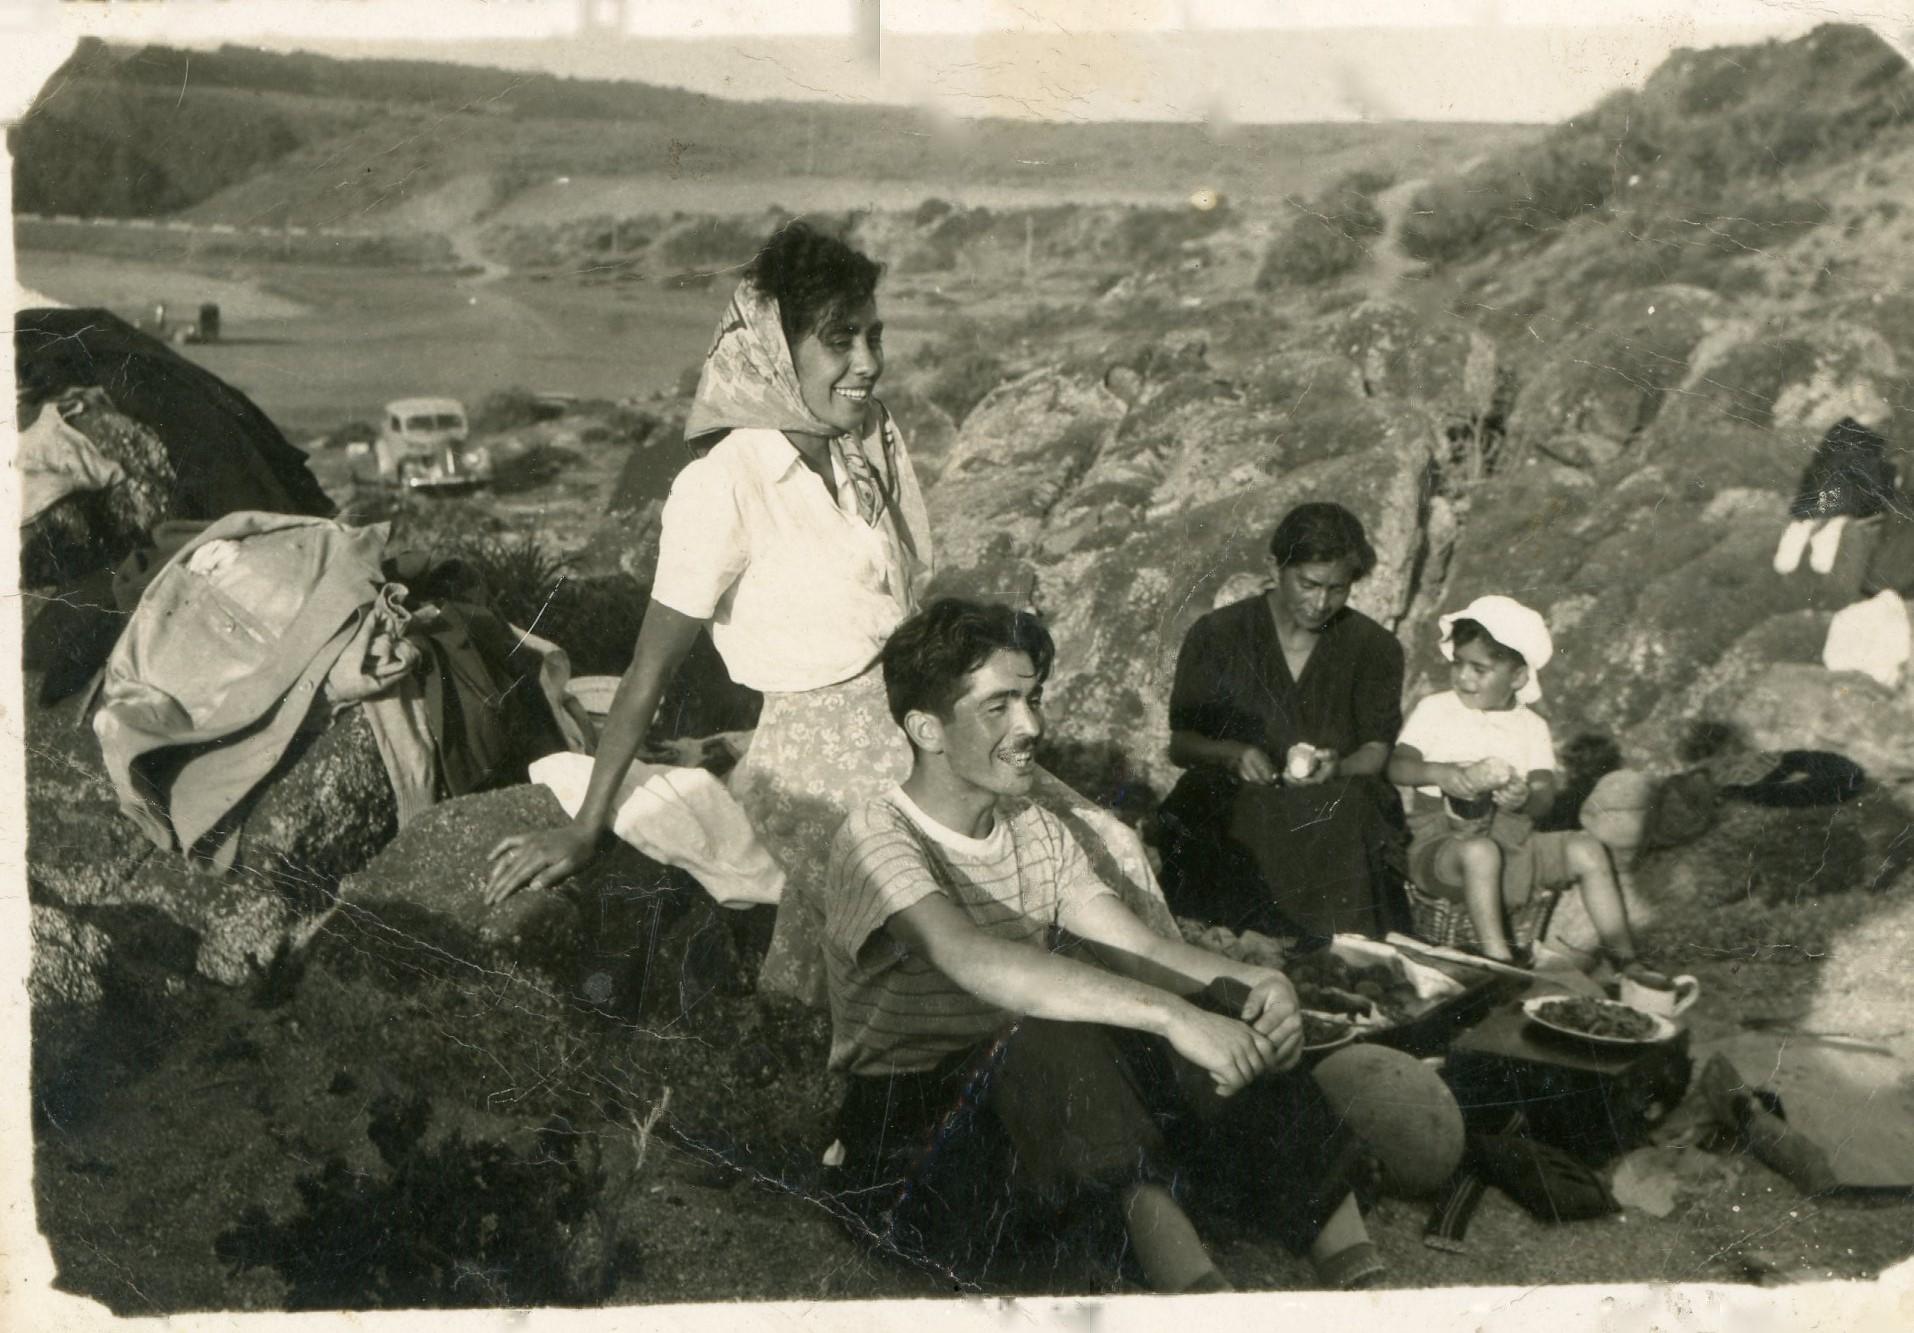 Enterreno - Fotos históricas de chile - fotos antiguas de Chile - Picnic en la Playa en 1955